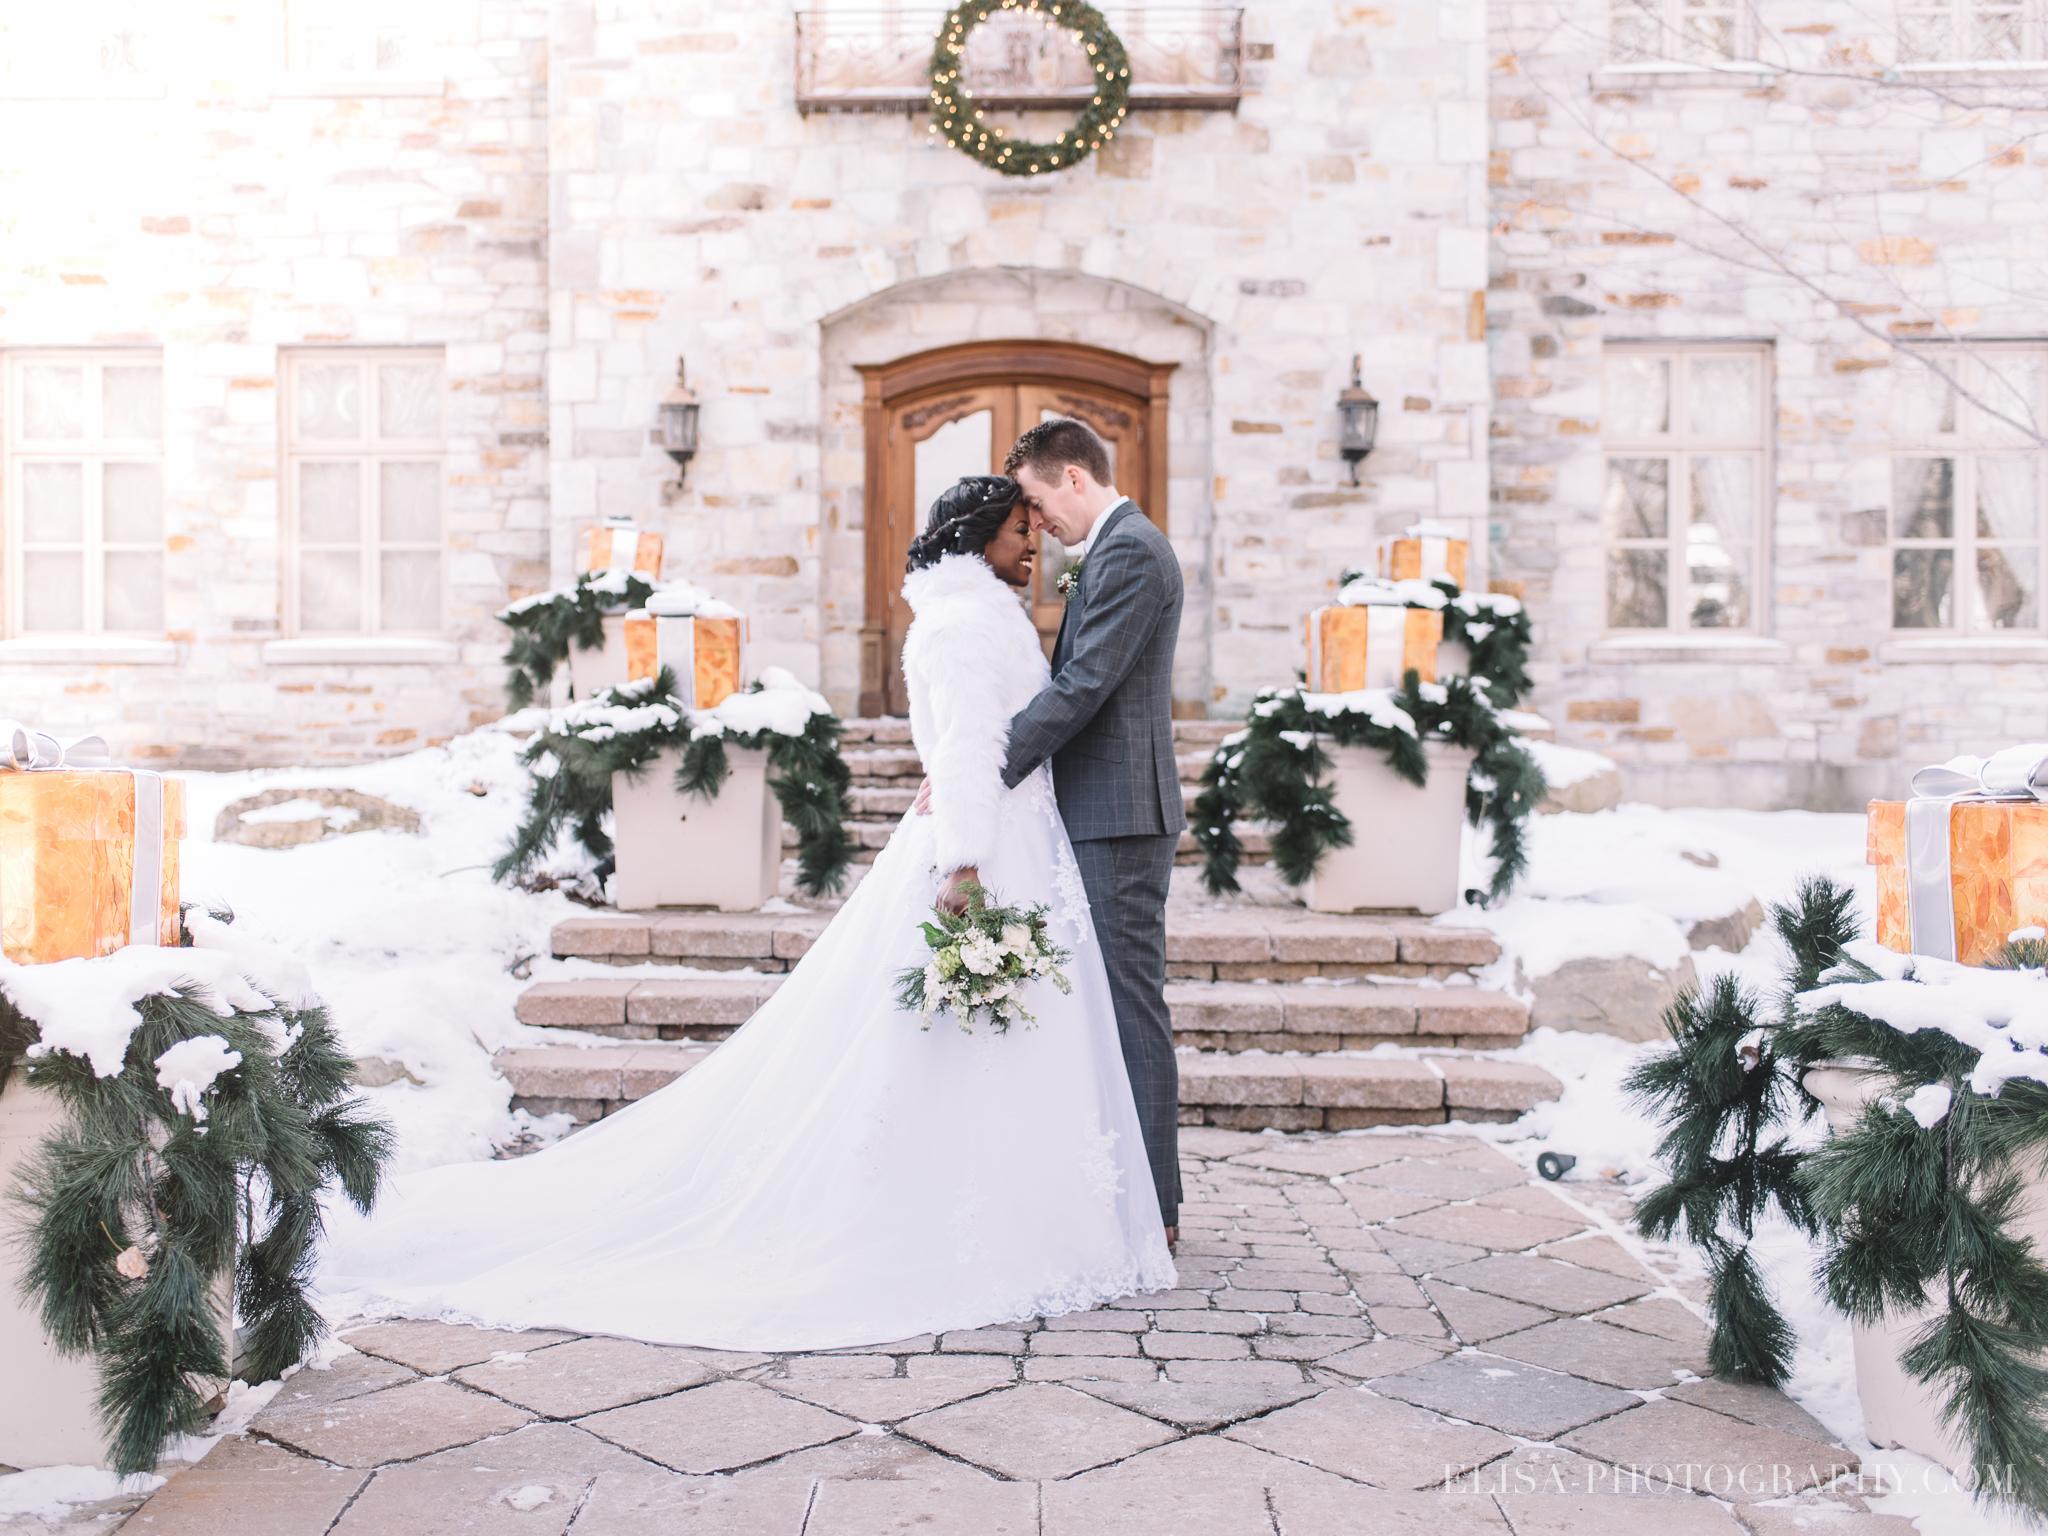 mariage quebec portrait hiver mariés noel chateau taillefer lafon photo 3354 - 8 conseils pour votre mariage en hiver